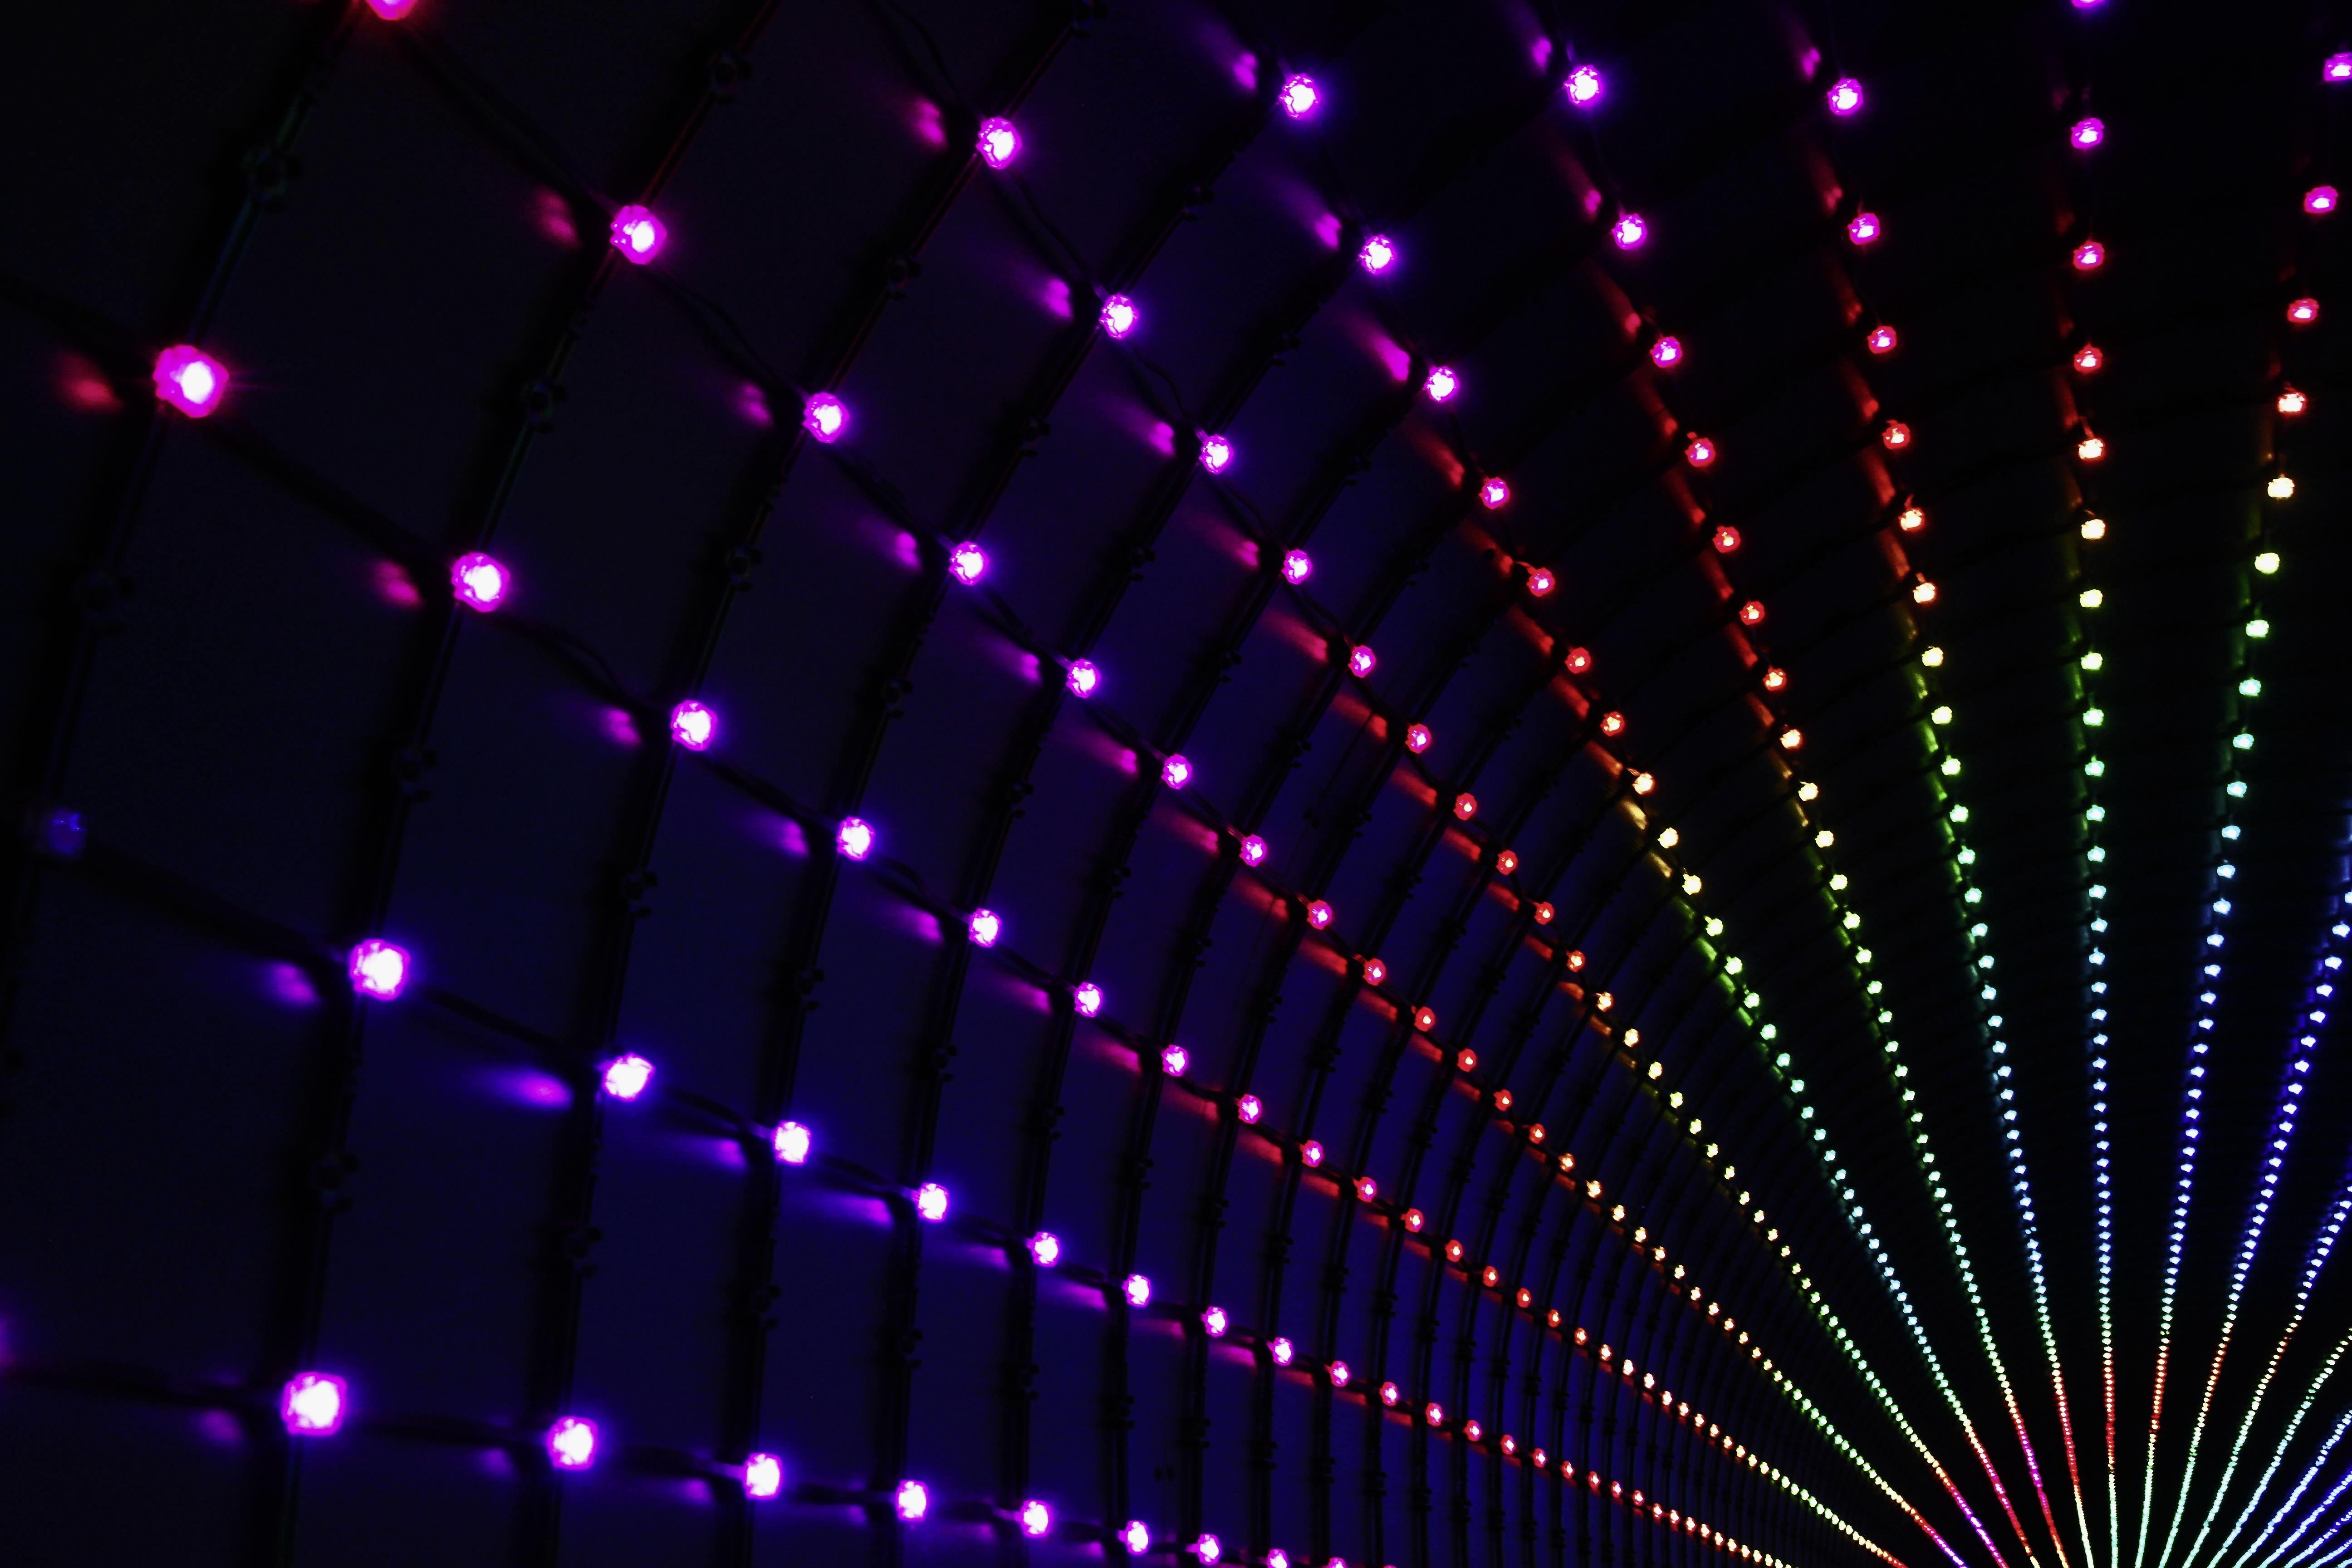 LED-Streifen Licht Beleuchtung Swiss Lighting Forum SLF Basel